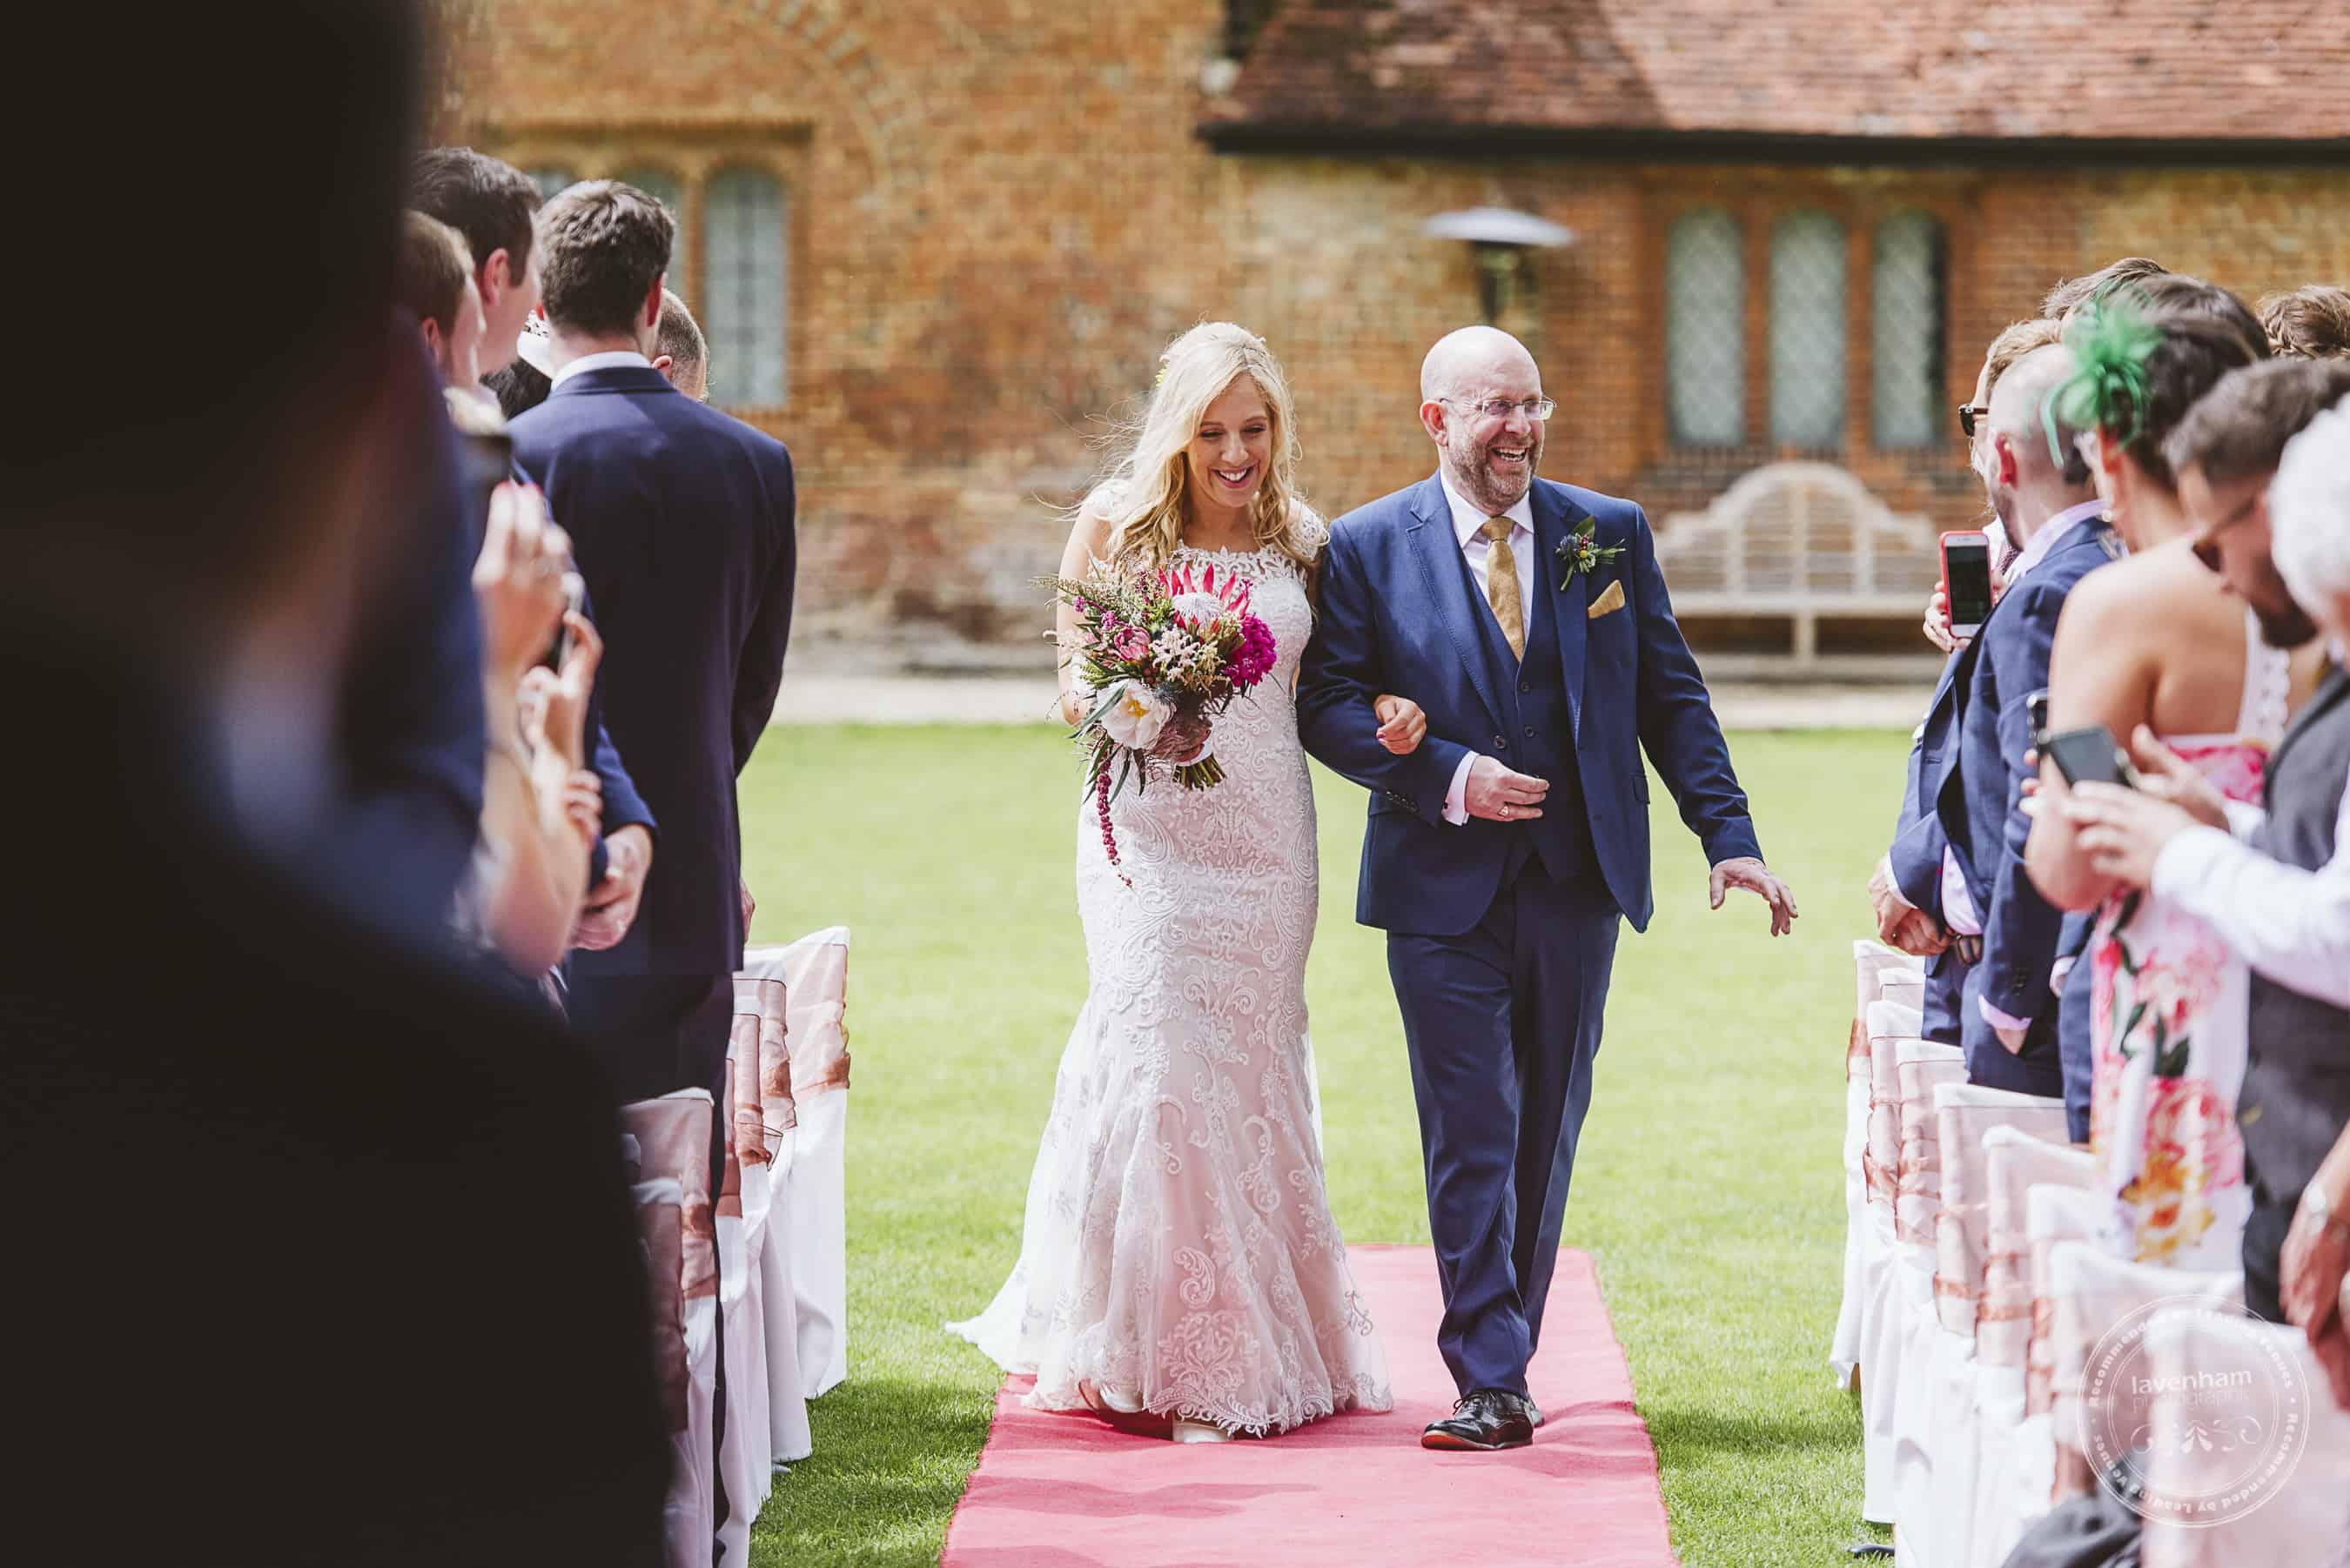 020618 Leez Priory Wedding Photography Lavenham Photographic 049